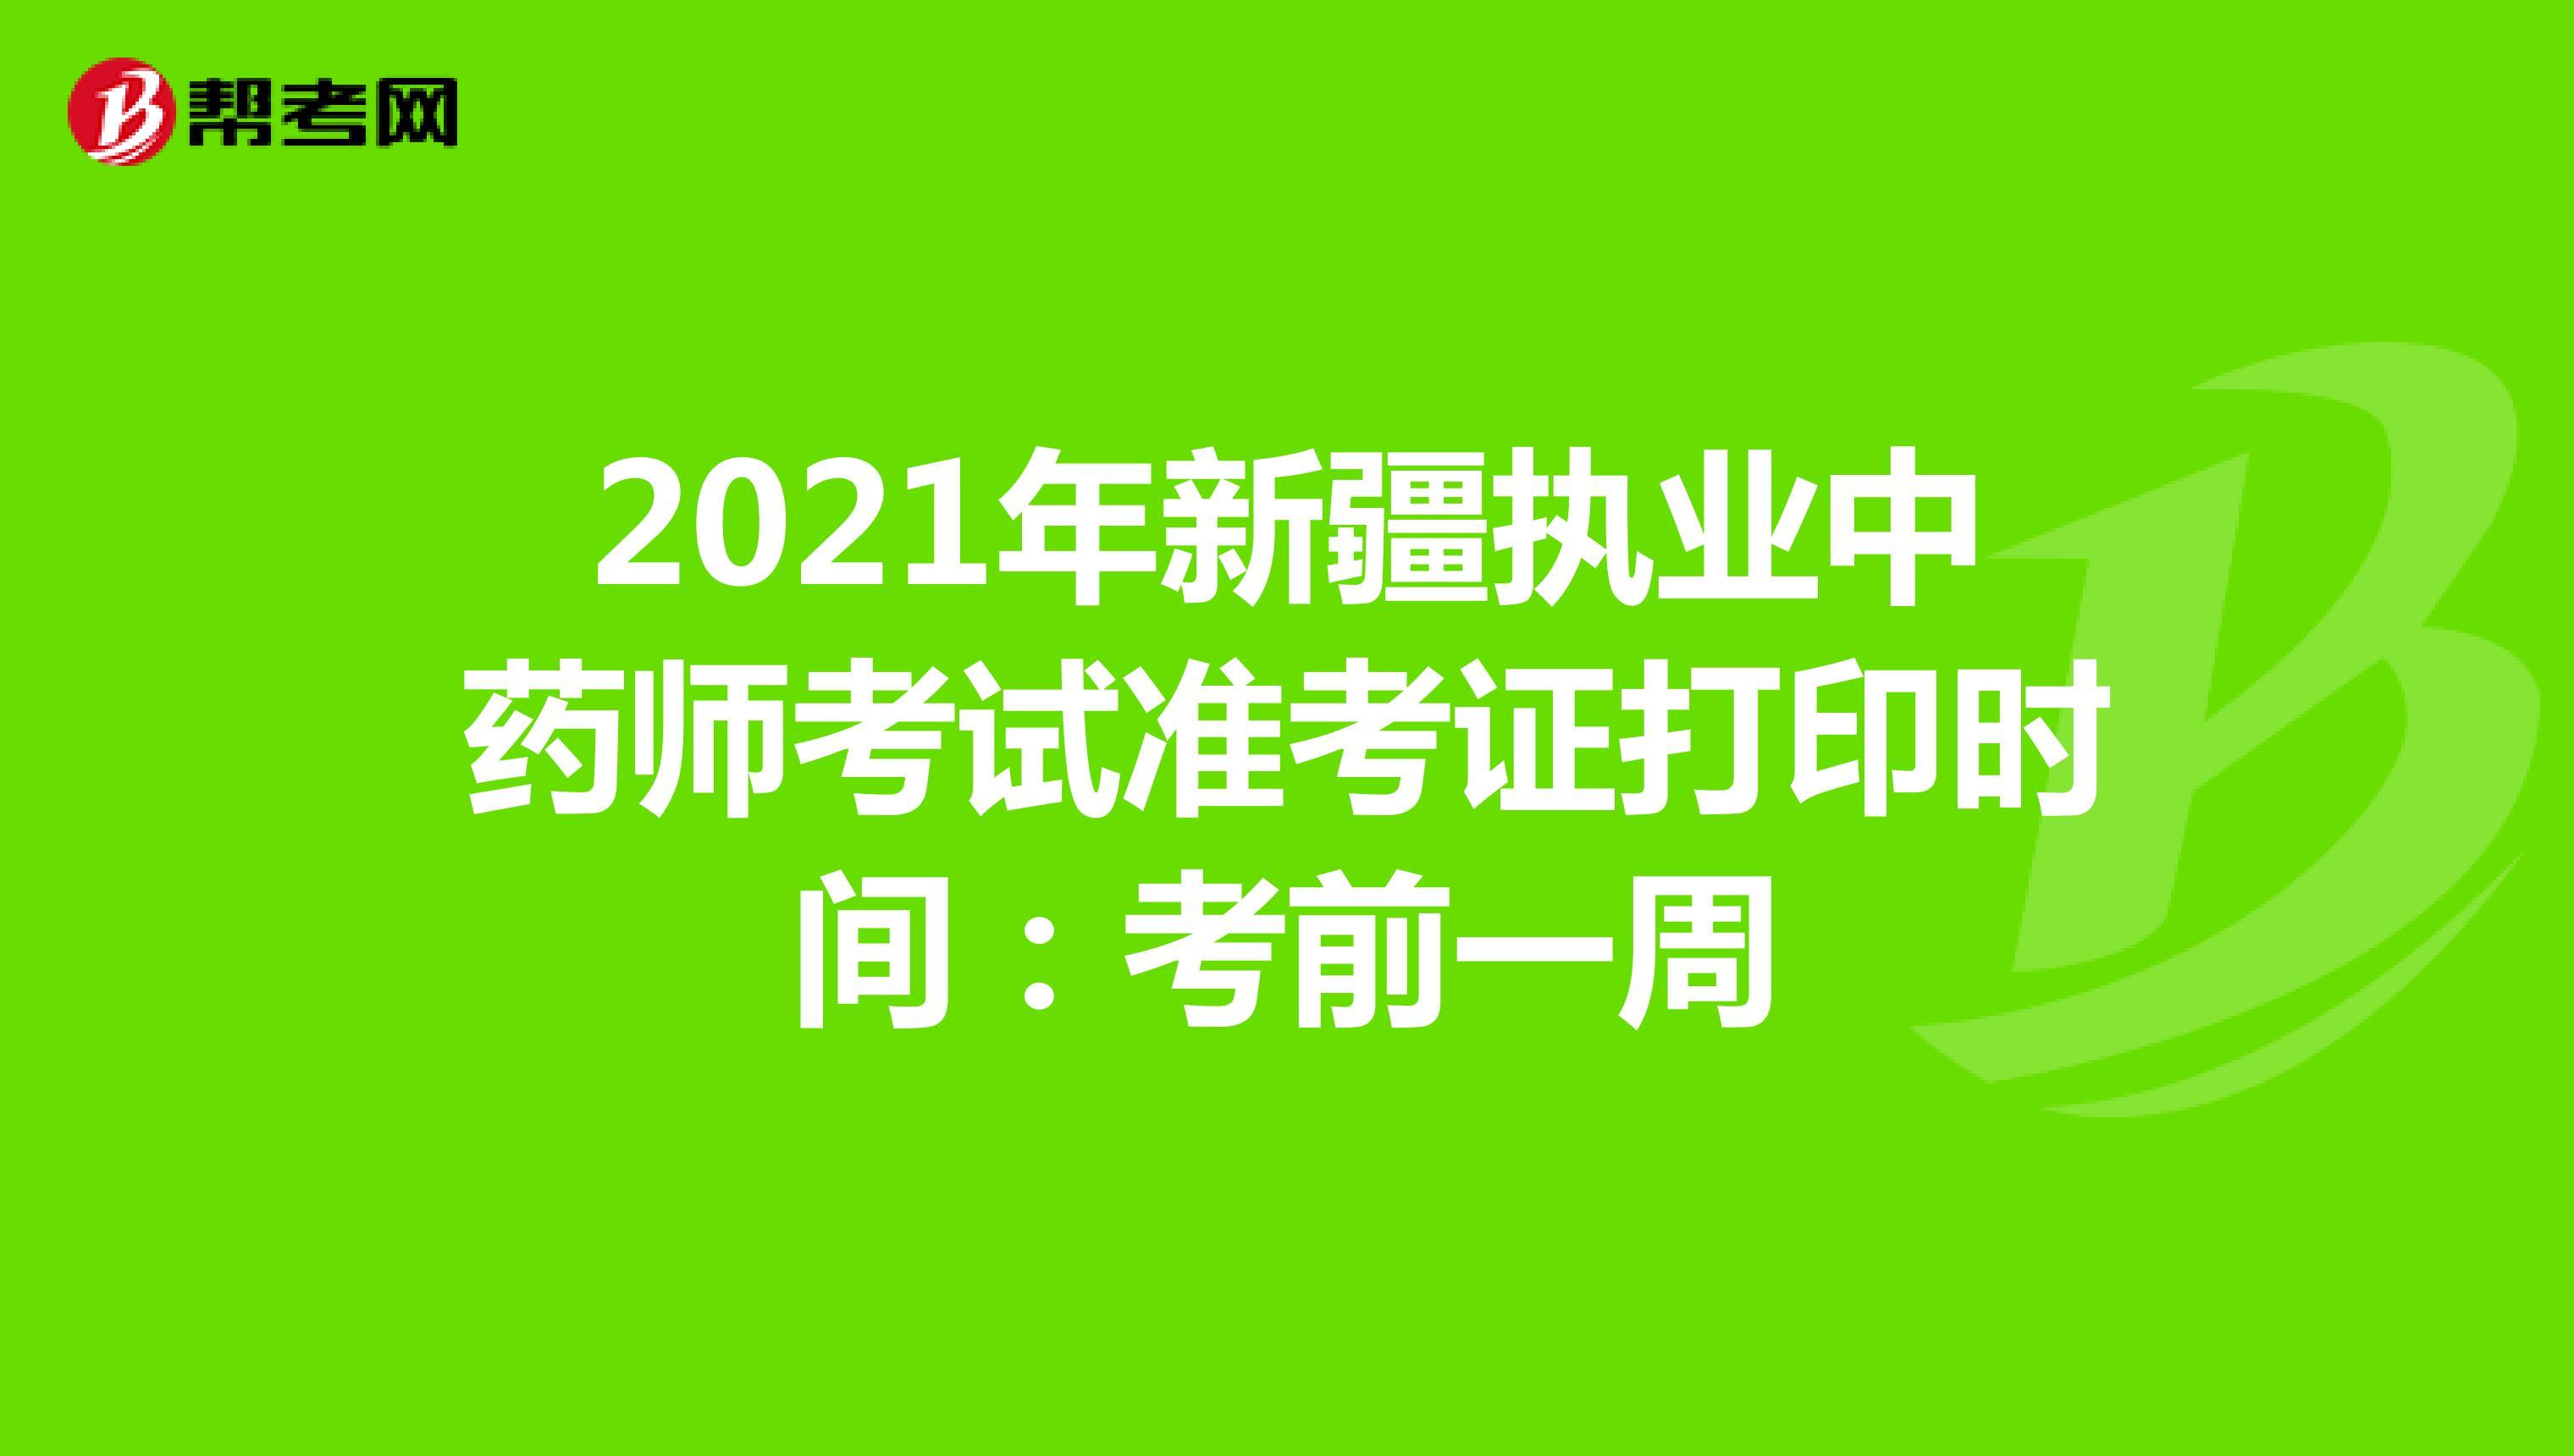 2021年新疆执业中药师考试准考证打印时间:考前一周